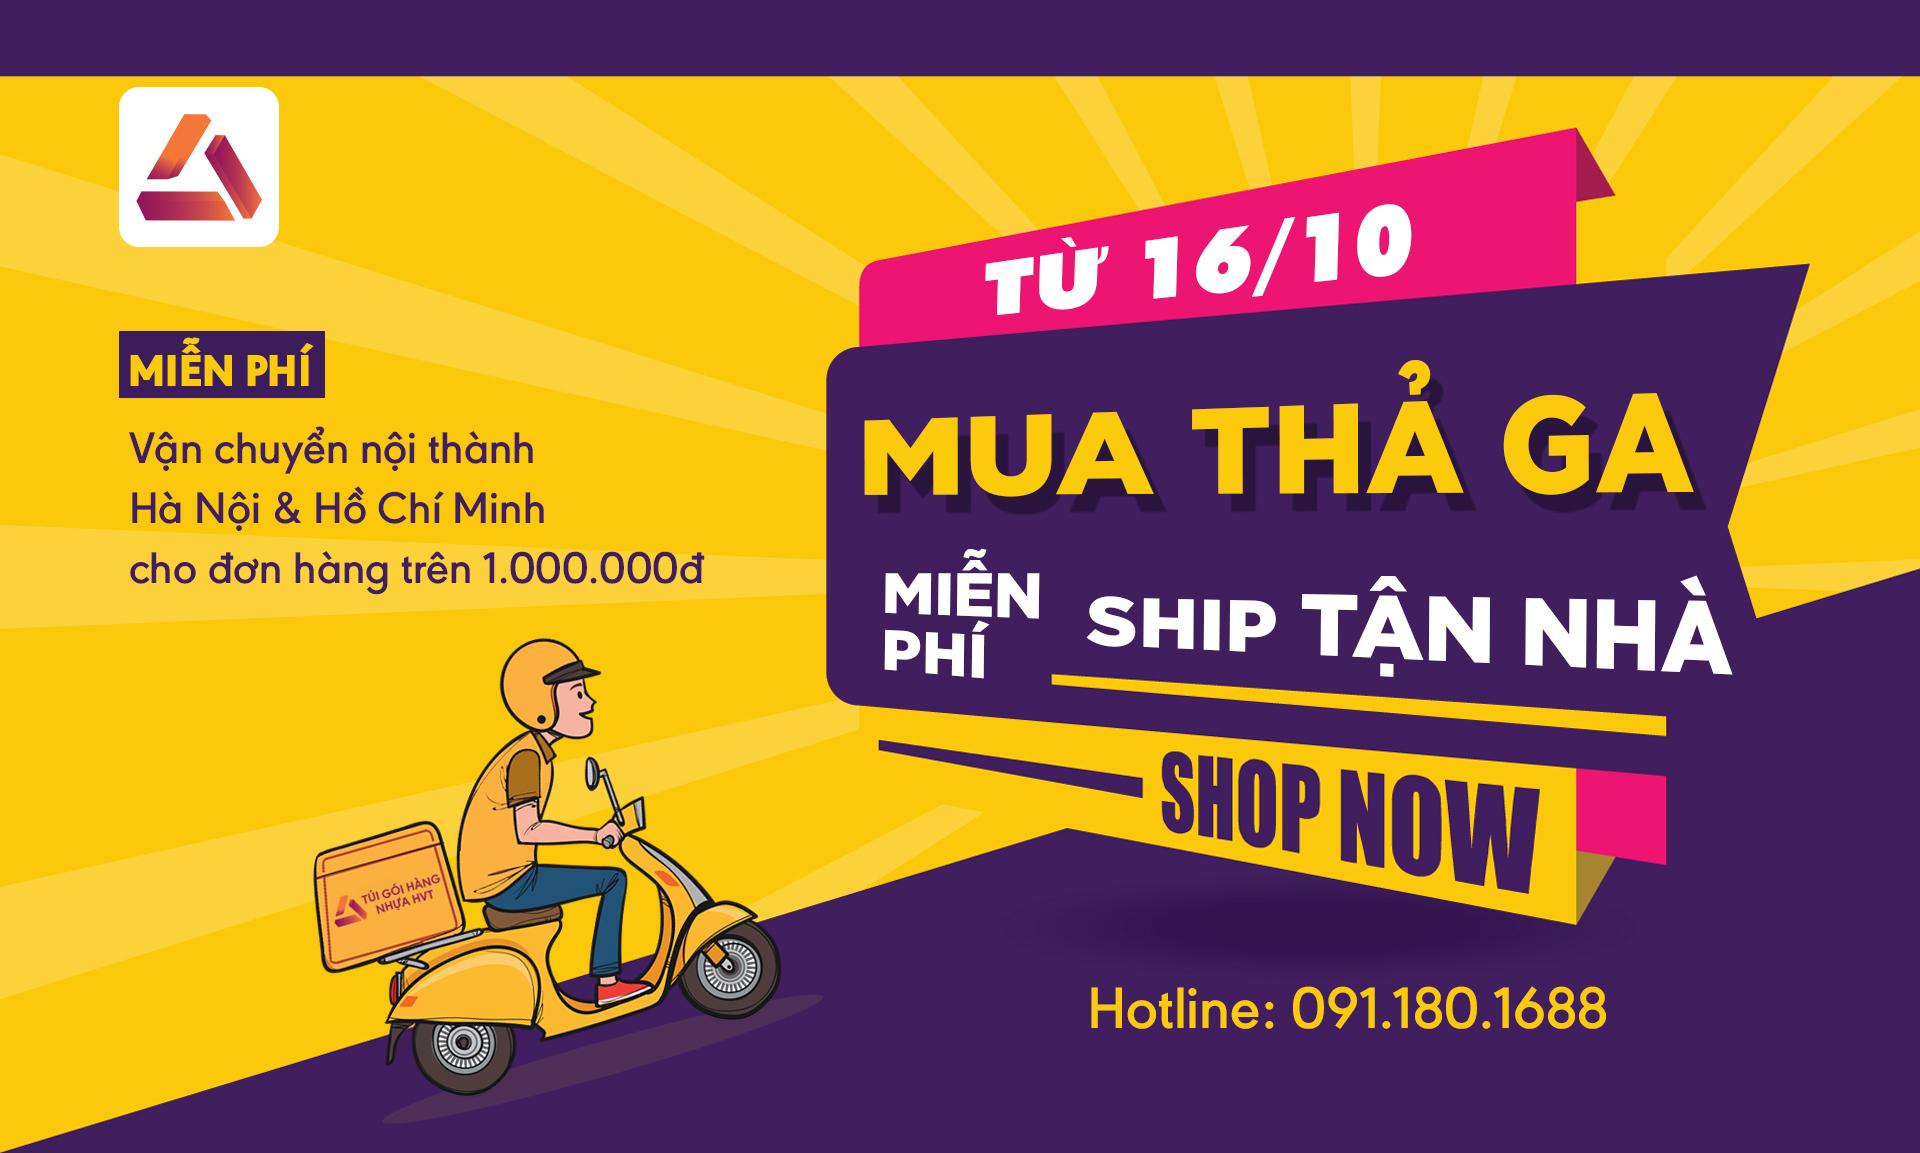 Túi gói hàng nhựa HVT free ship tận nhà